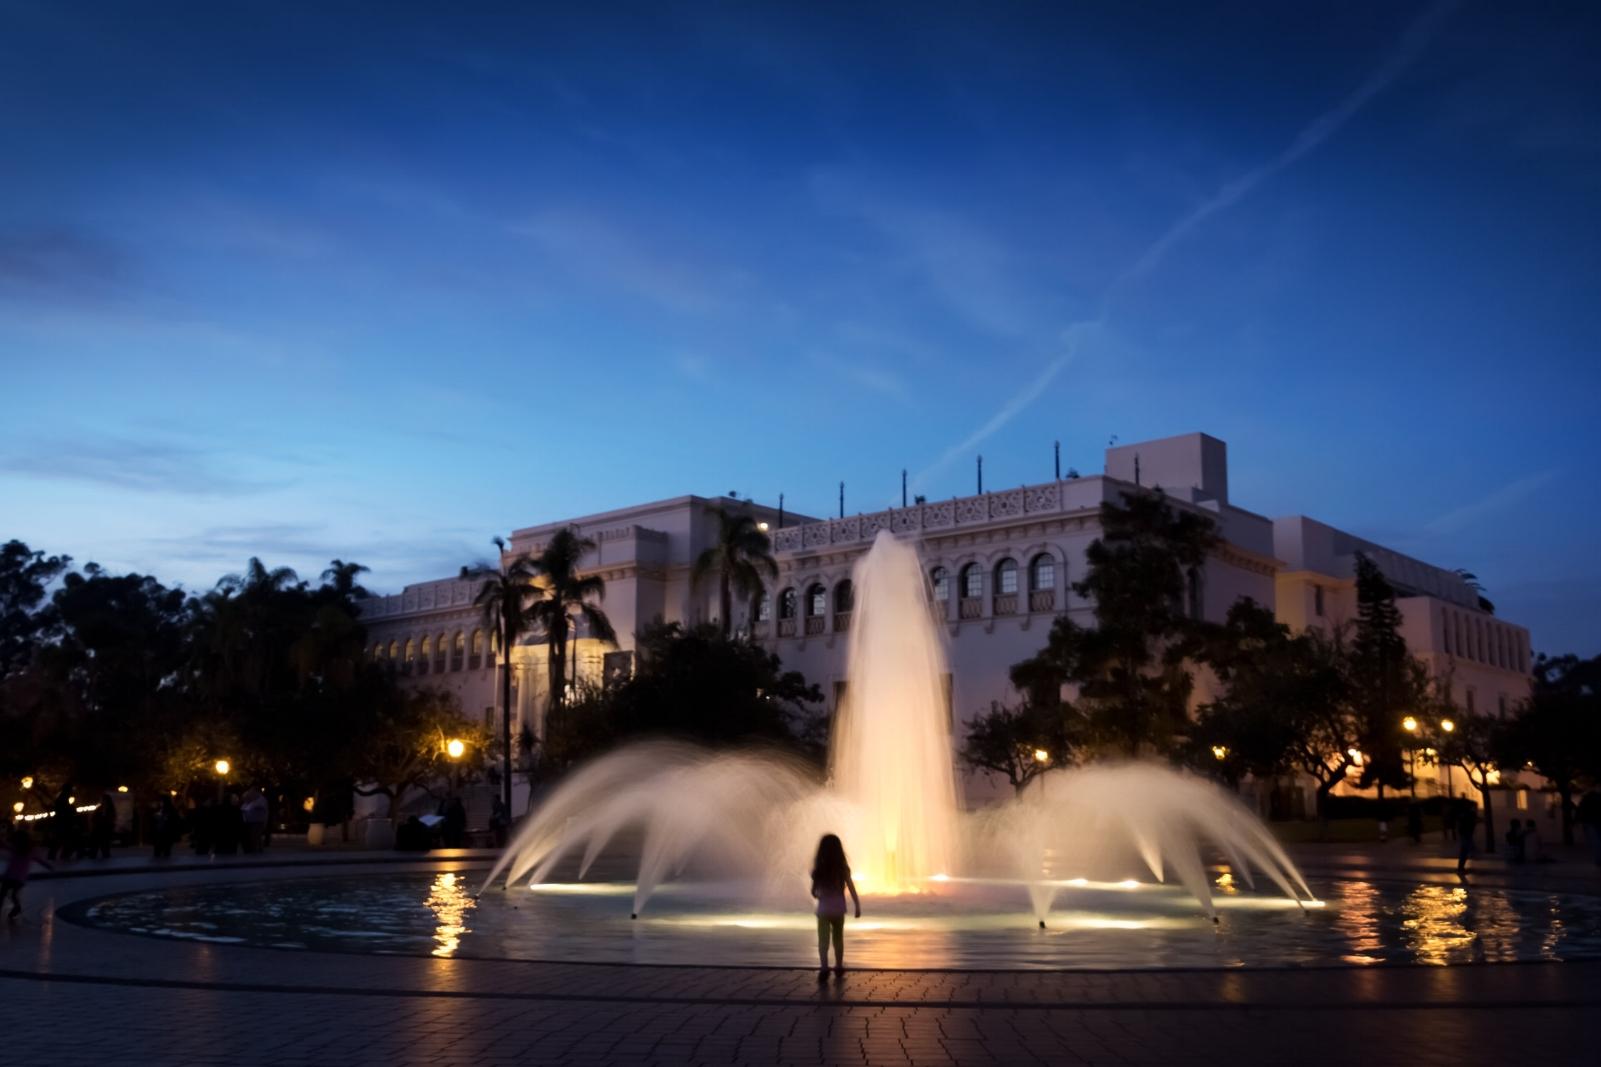 Moses Farrow Business Photography Balboa Park San Diego.jpg